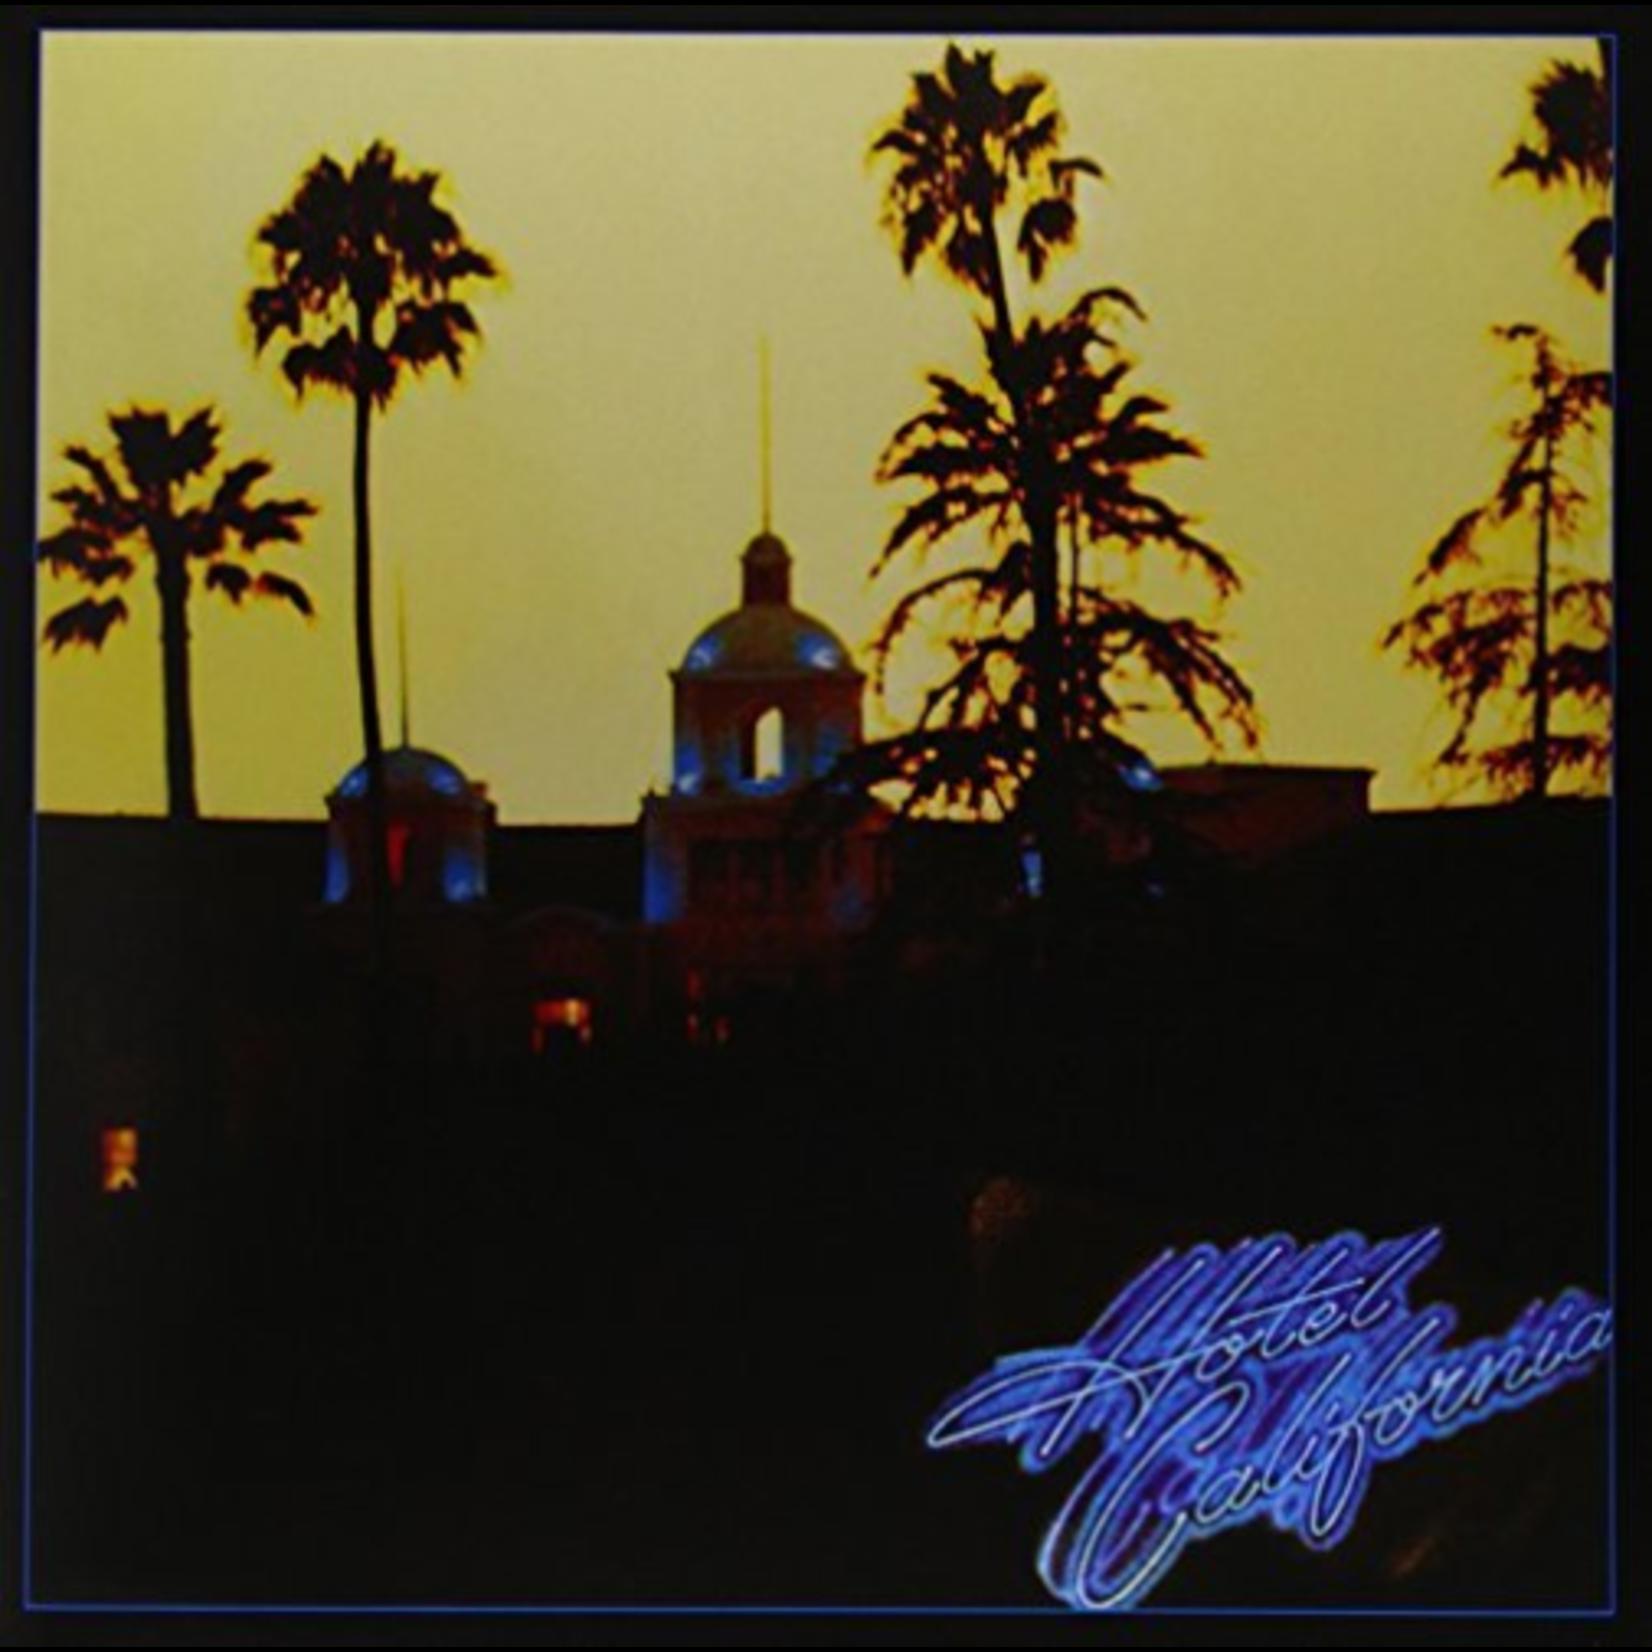 THE EAGLES HOTEL CALIFORNIA